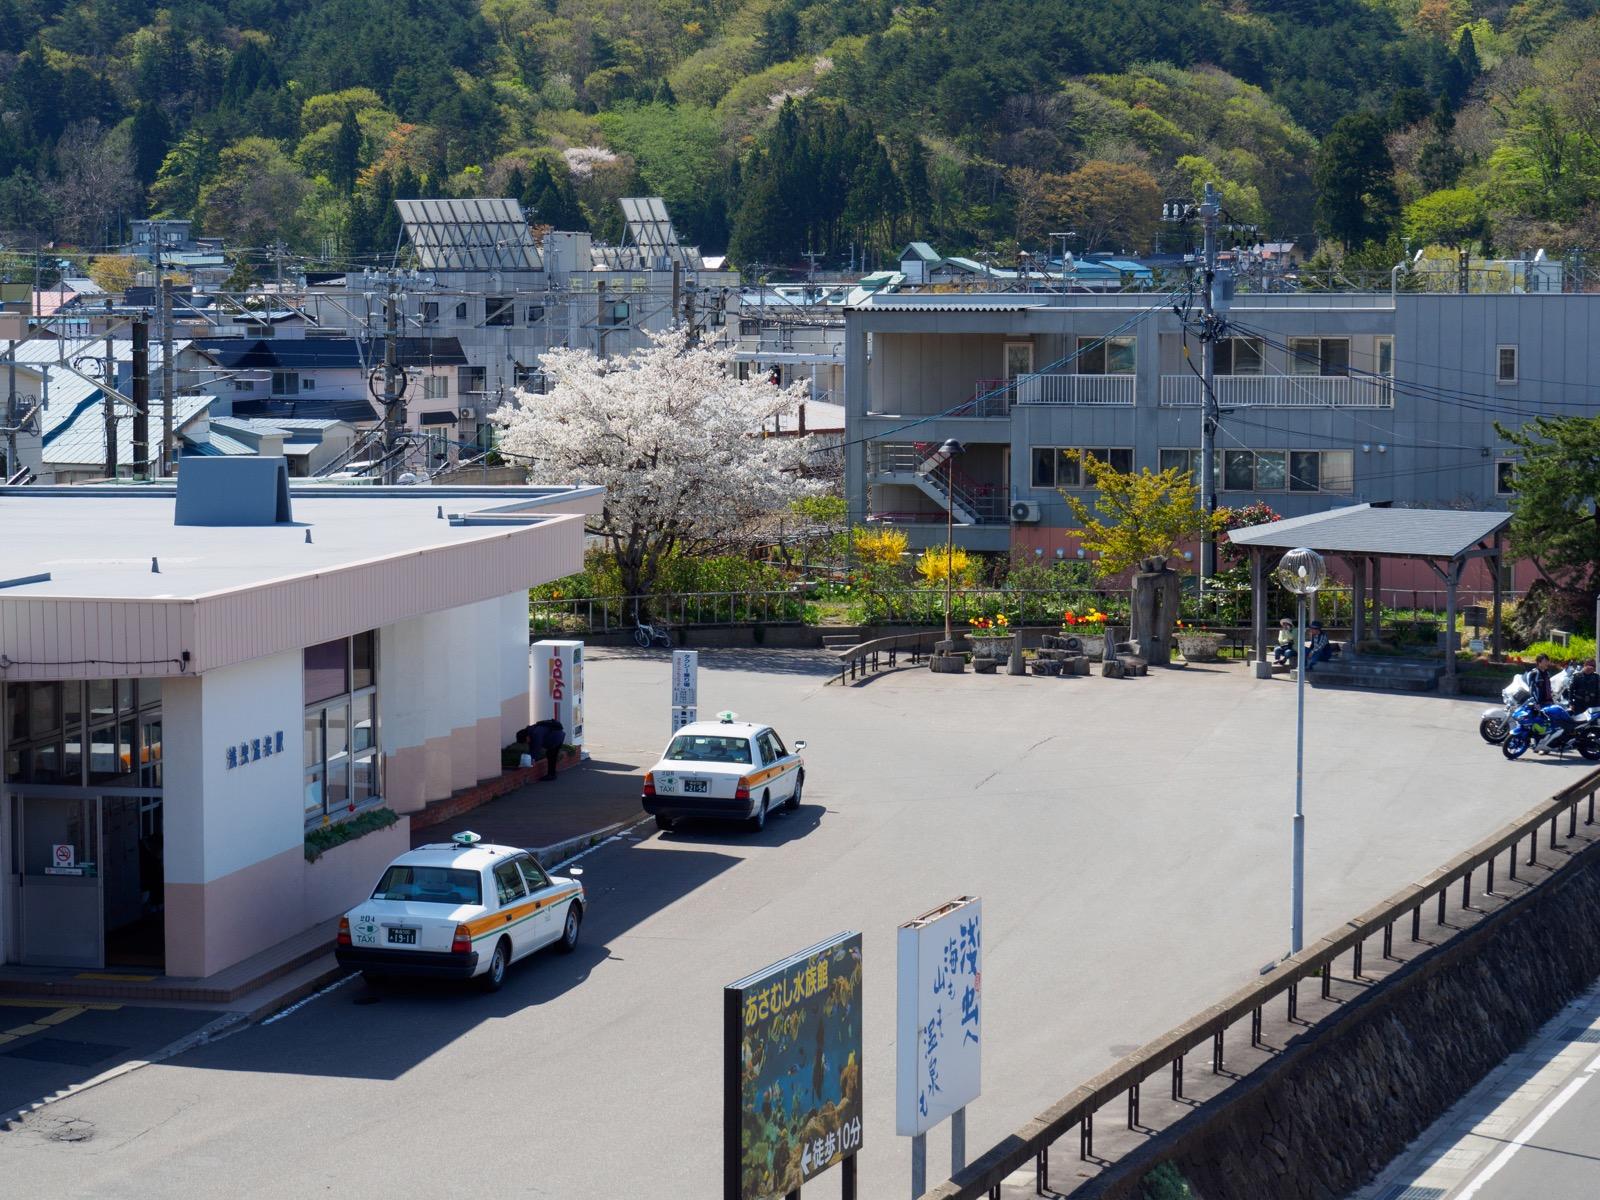 浅虫温泉駅前のゆうやけ橋から見下ろす駅舎と足湯